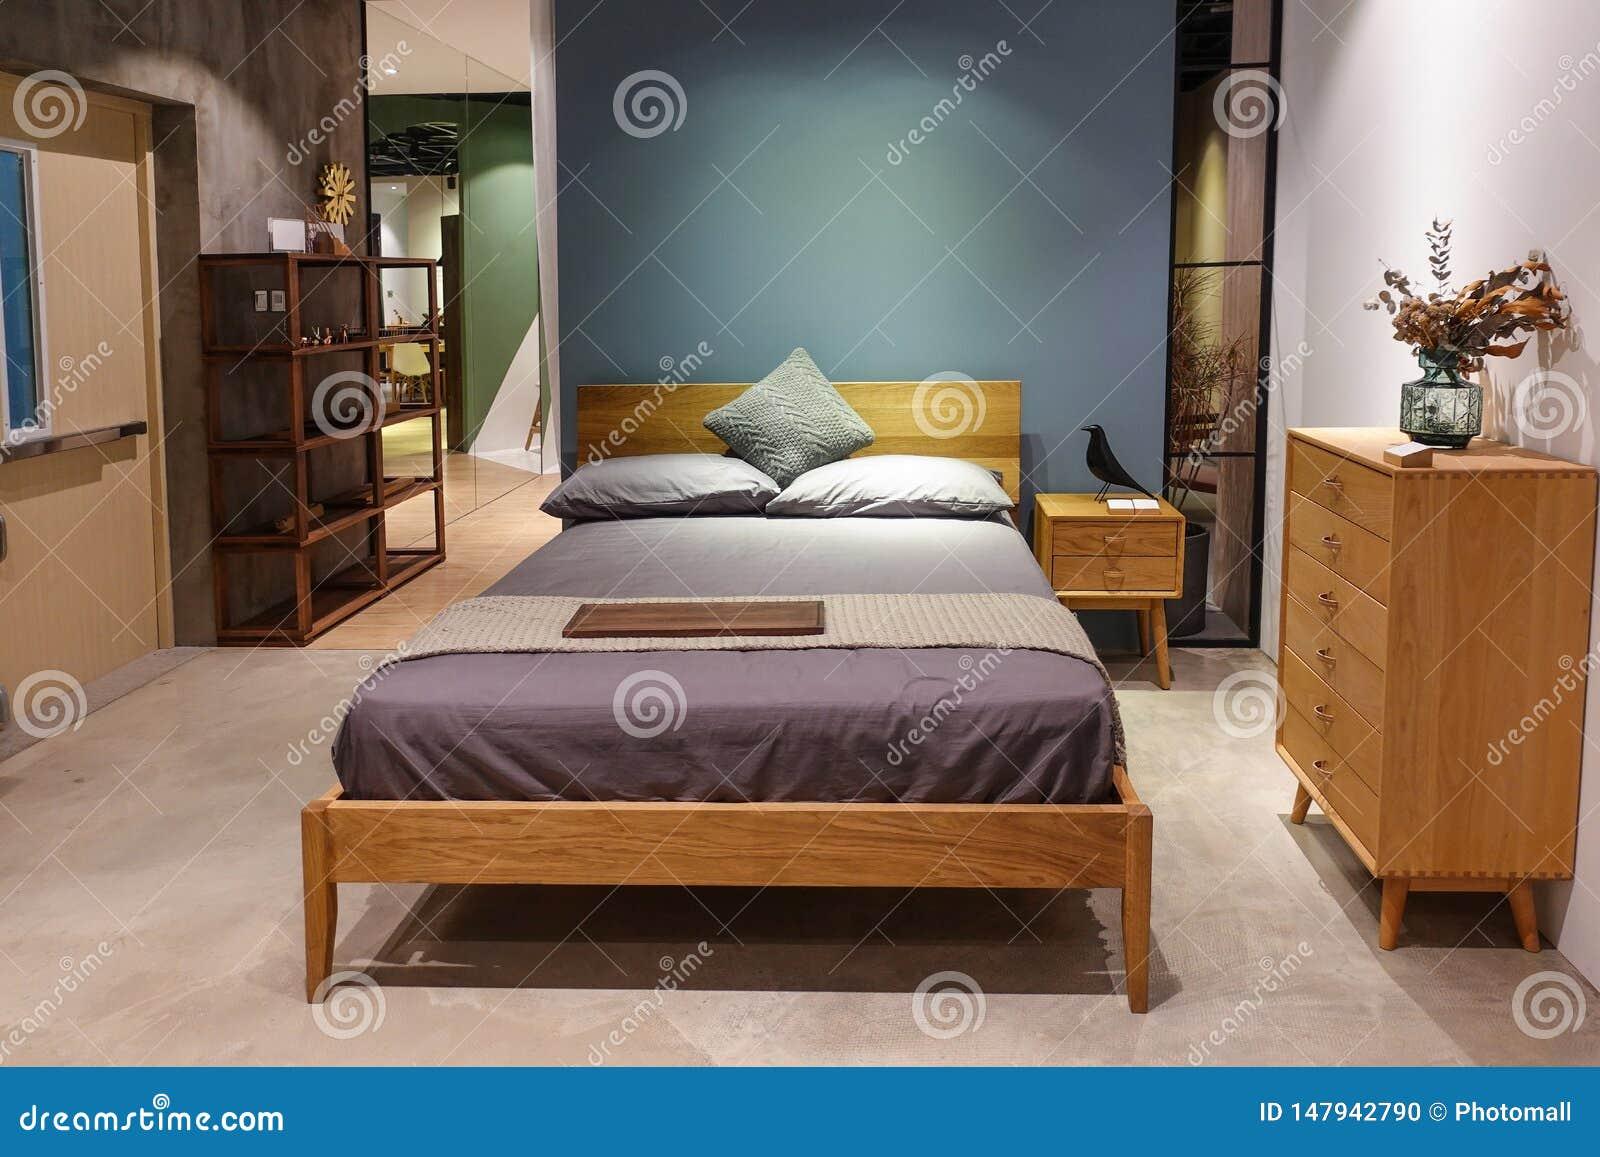 Bedroom Furniture In Houseroom Stock Photo - Image of empty ...